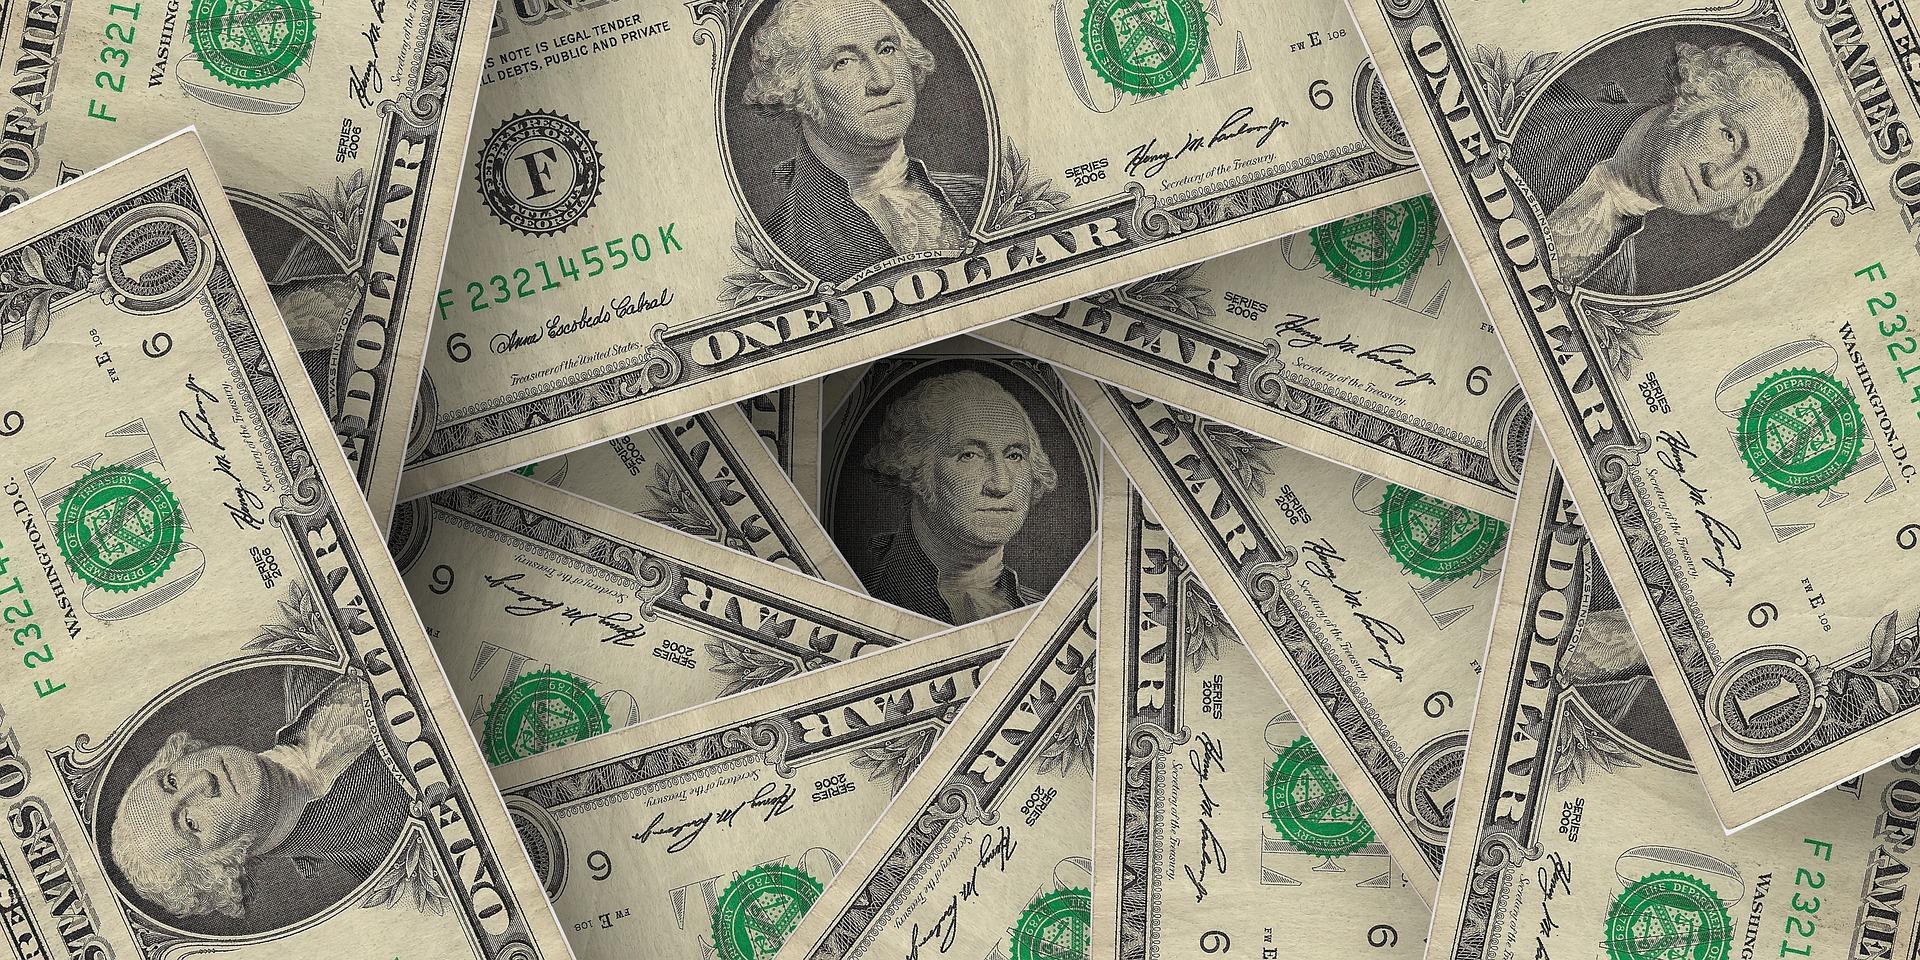 (Bolsa caiu para o menor nível desde o fim de maio. Foto: Reprodução/Pixabay)